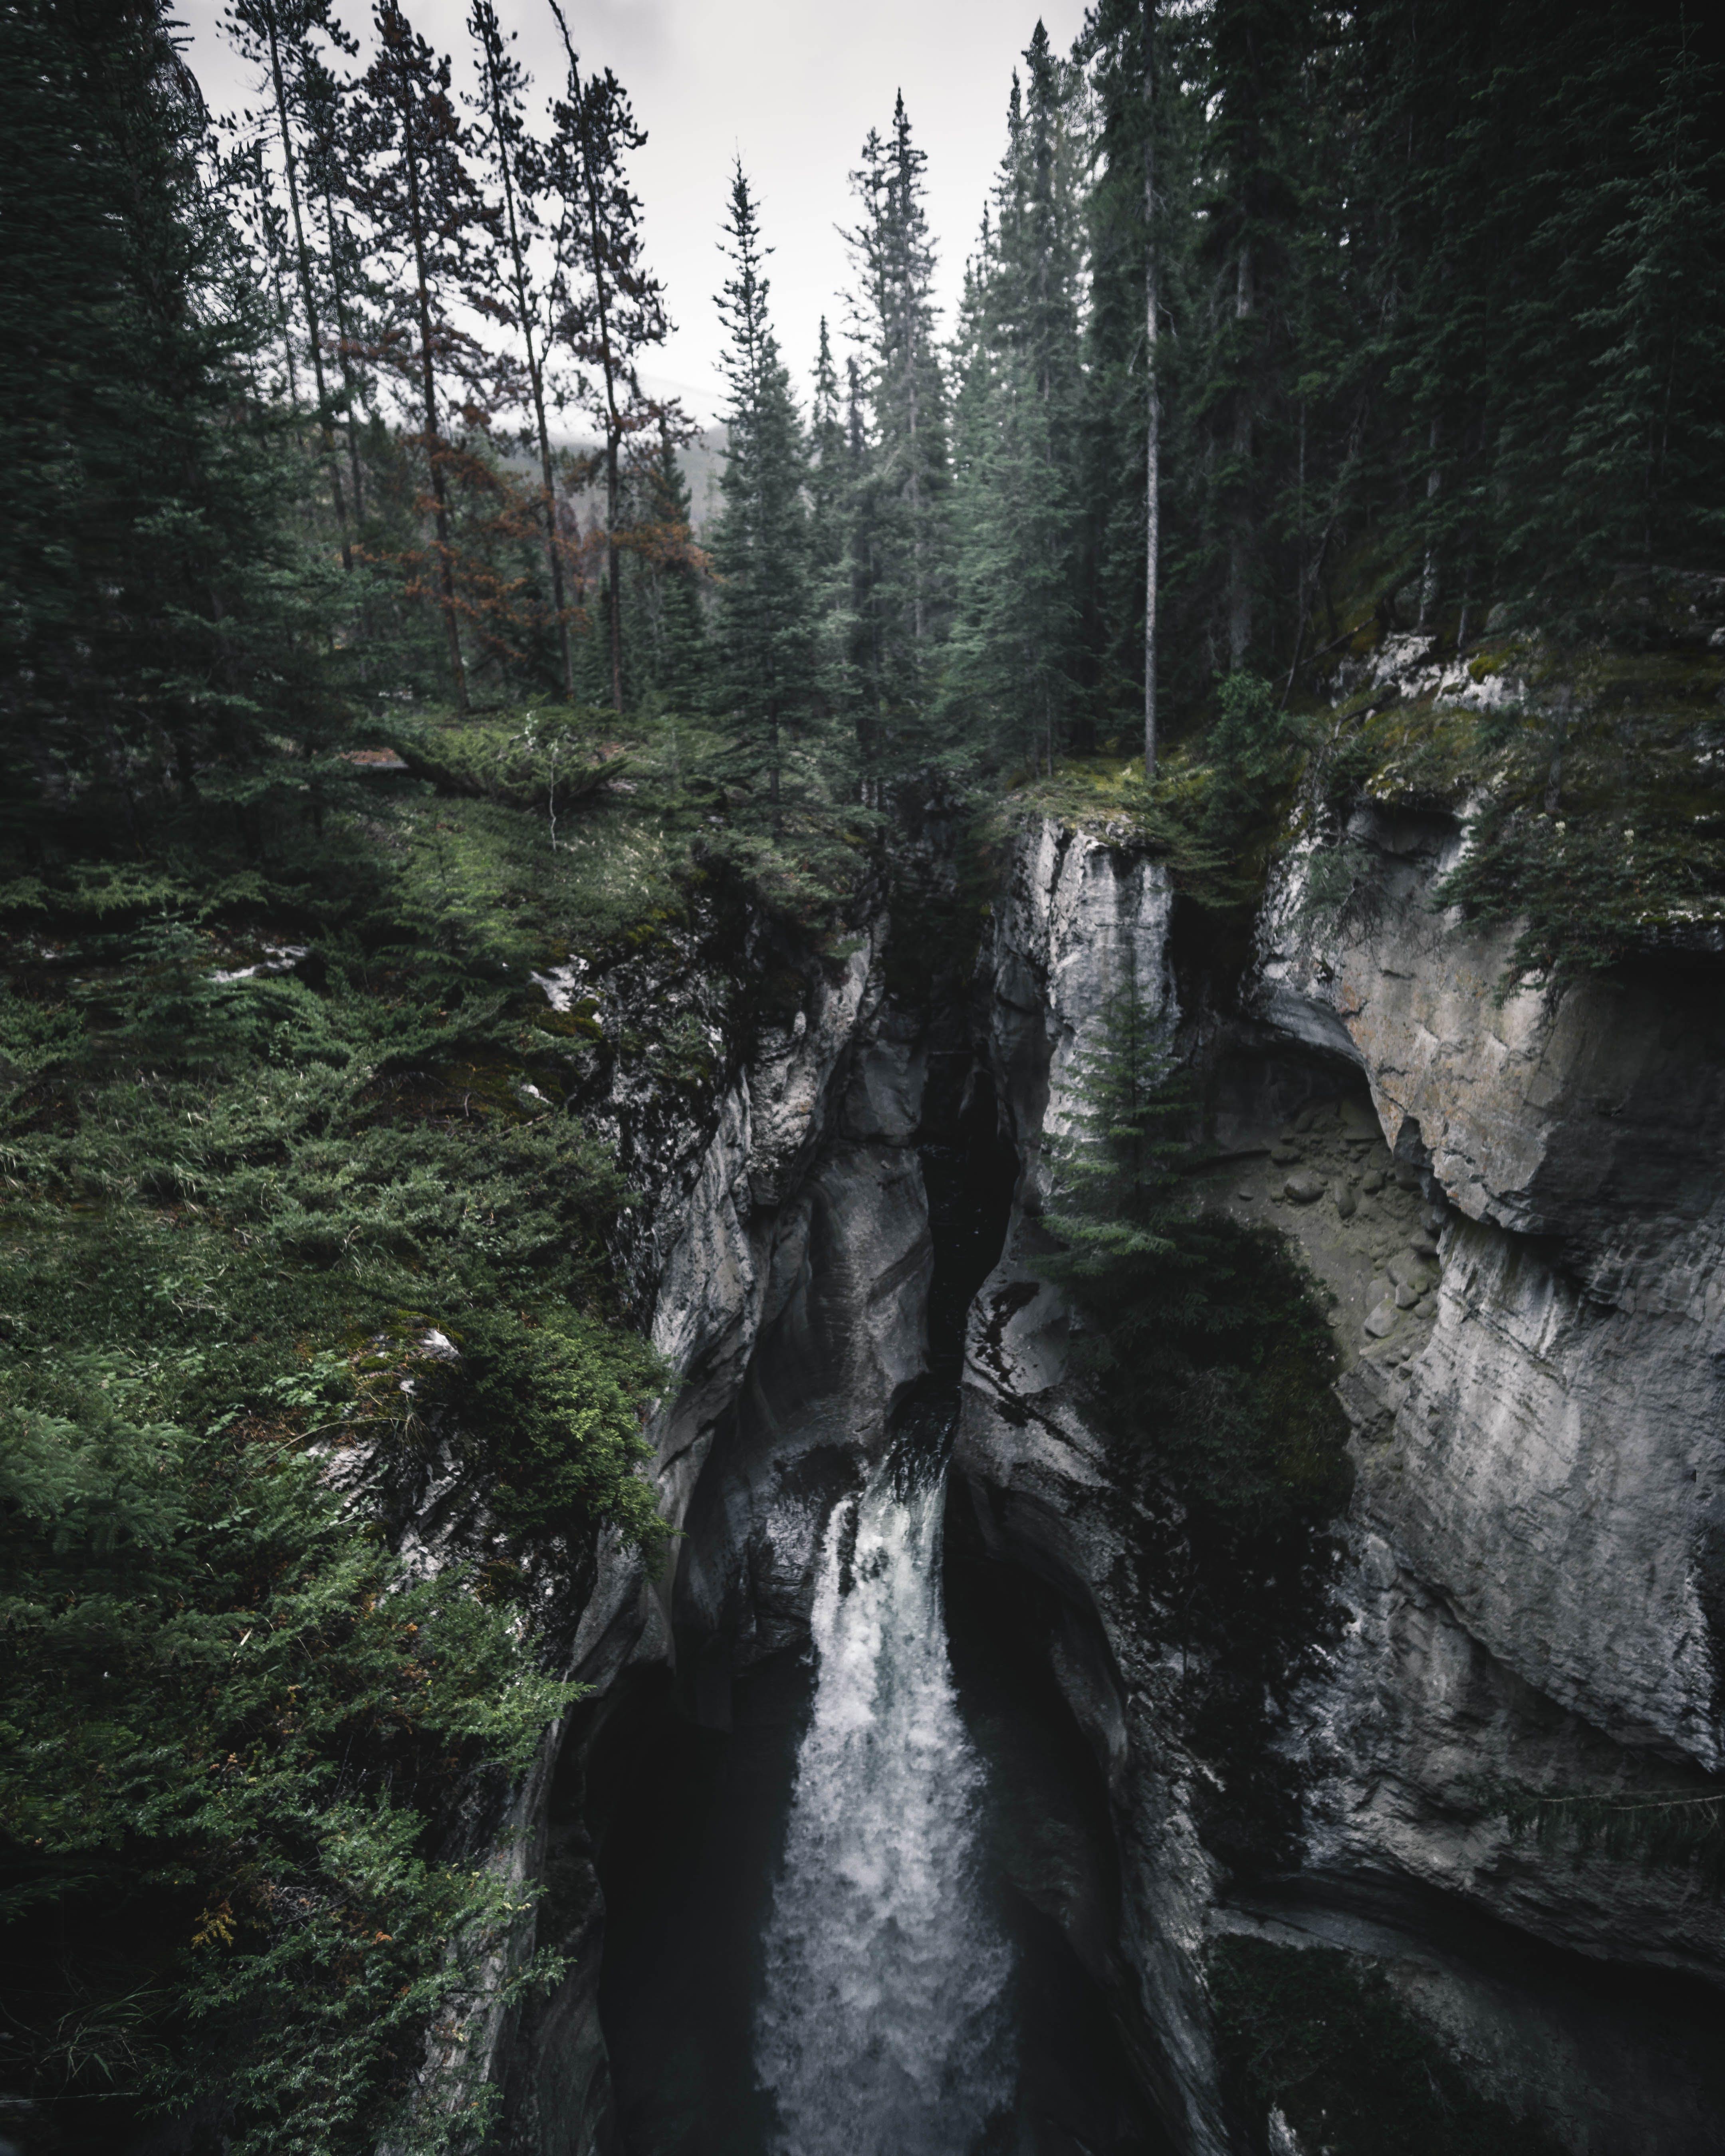 Waterfalls in Between Forest